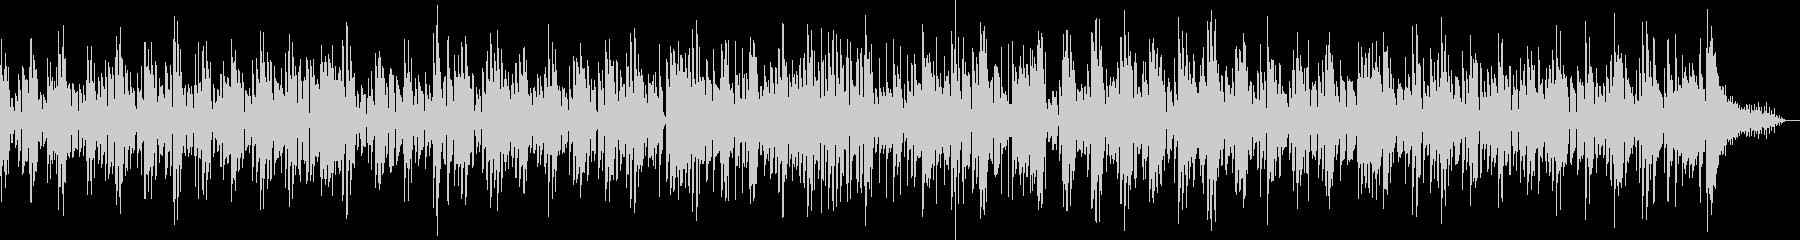 昭和のロカビリーロック,生スライドギターの未再生の波形